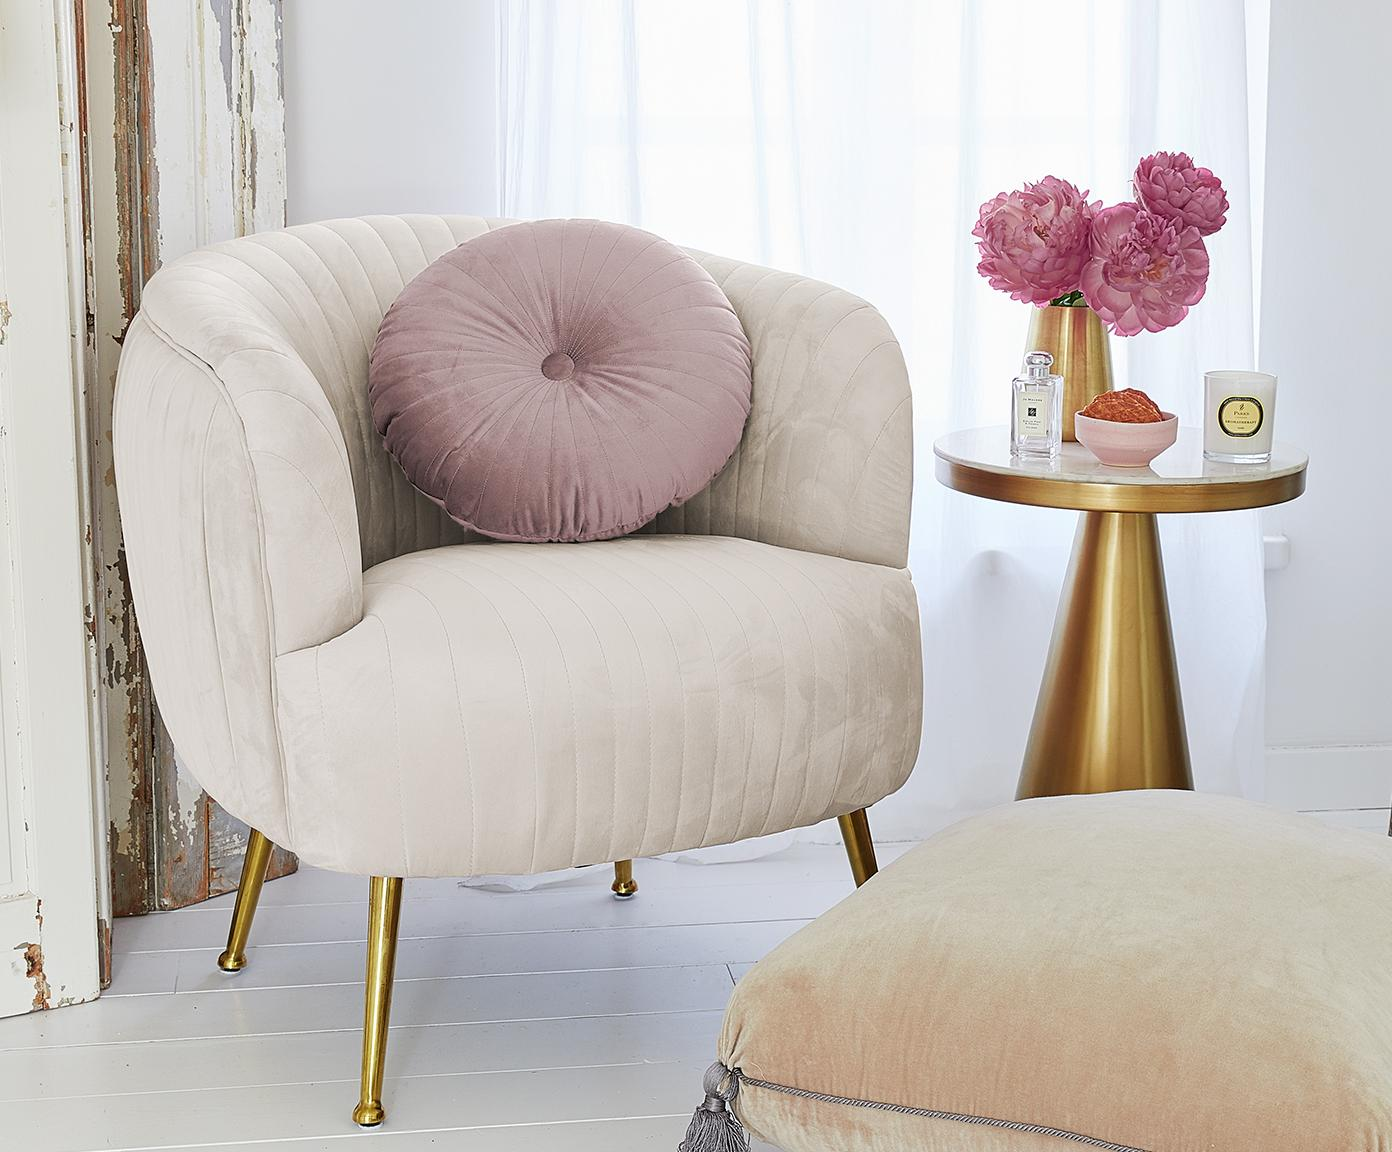 Fluwelen fauteuil Cara, Bekleding: fluweel (polyester), Frame: massief berkenhout, spaan, Poten: gecoat metaal, Beige, B 76 x D 75 cm